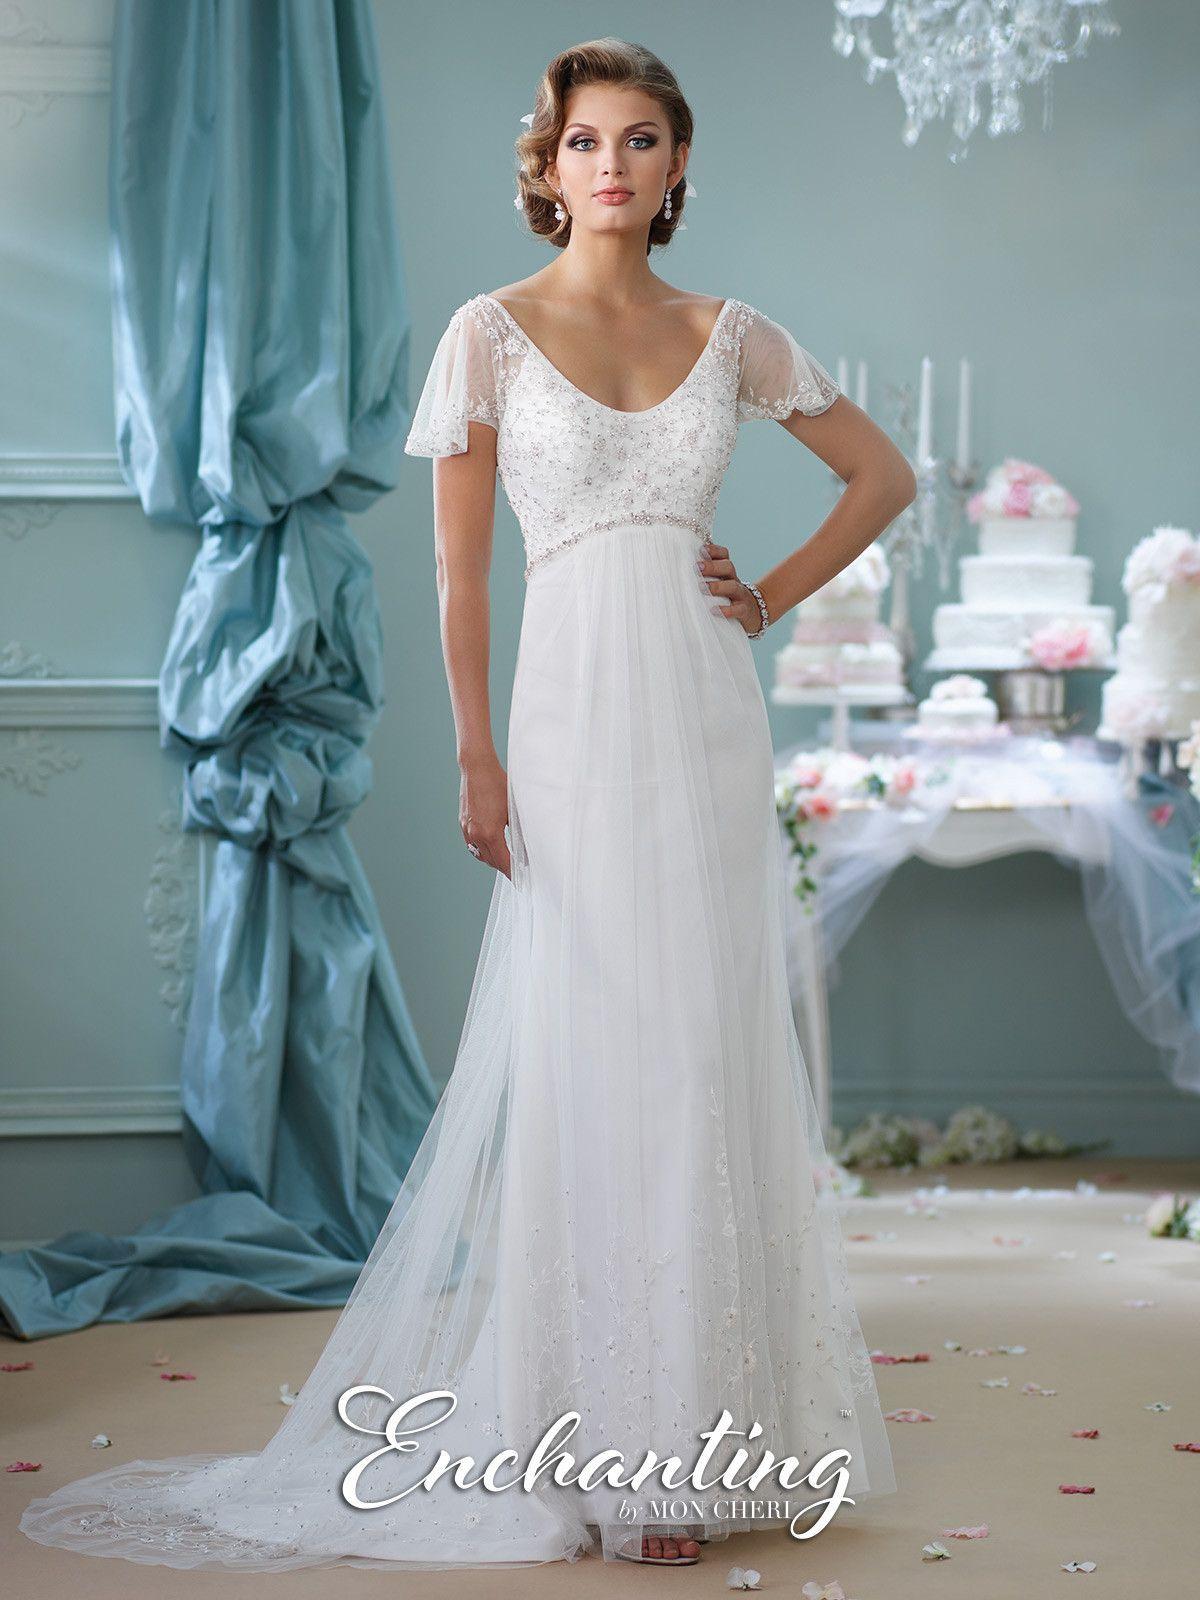 Cool Vestidos De Novia Blog Contemporary - Wedding Ideas - memiocall.com